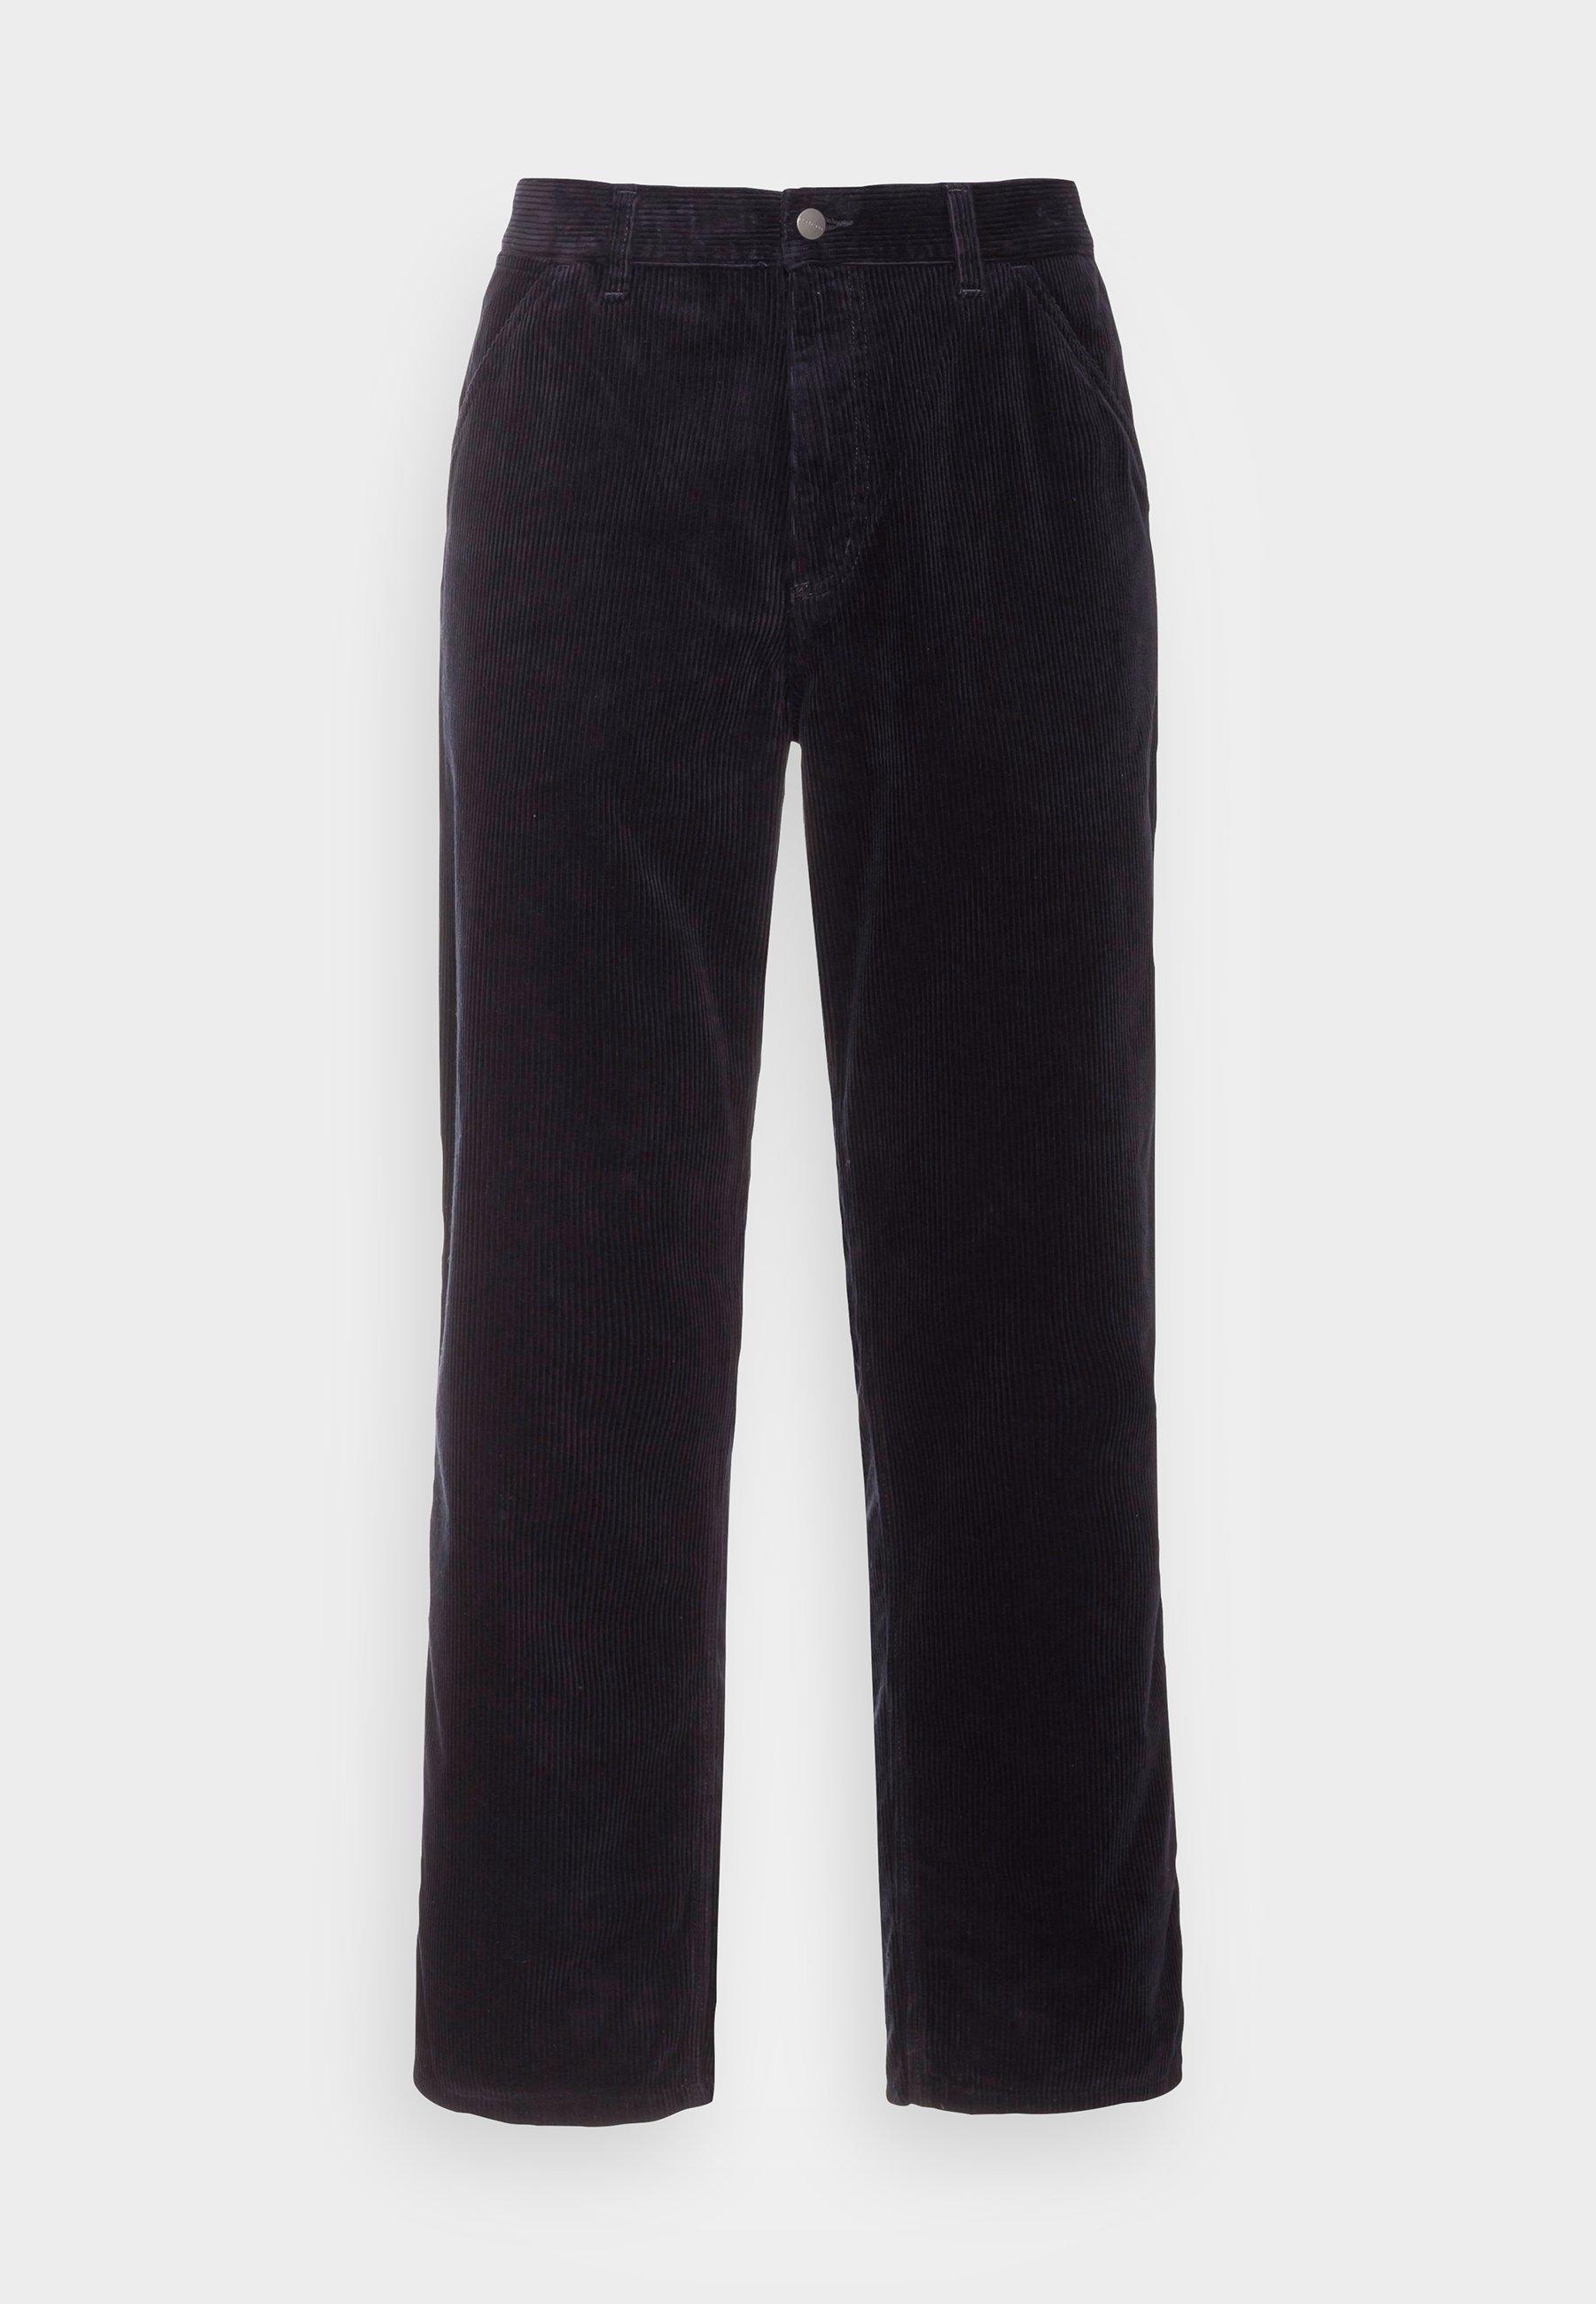 Uomo SINGLE KNEE PANT COVENTRY - Pantaloni